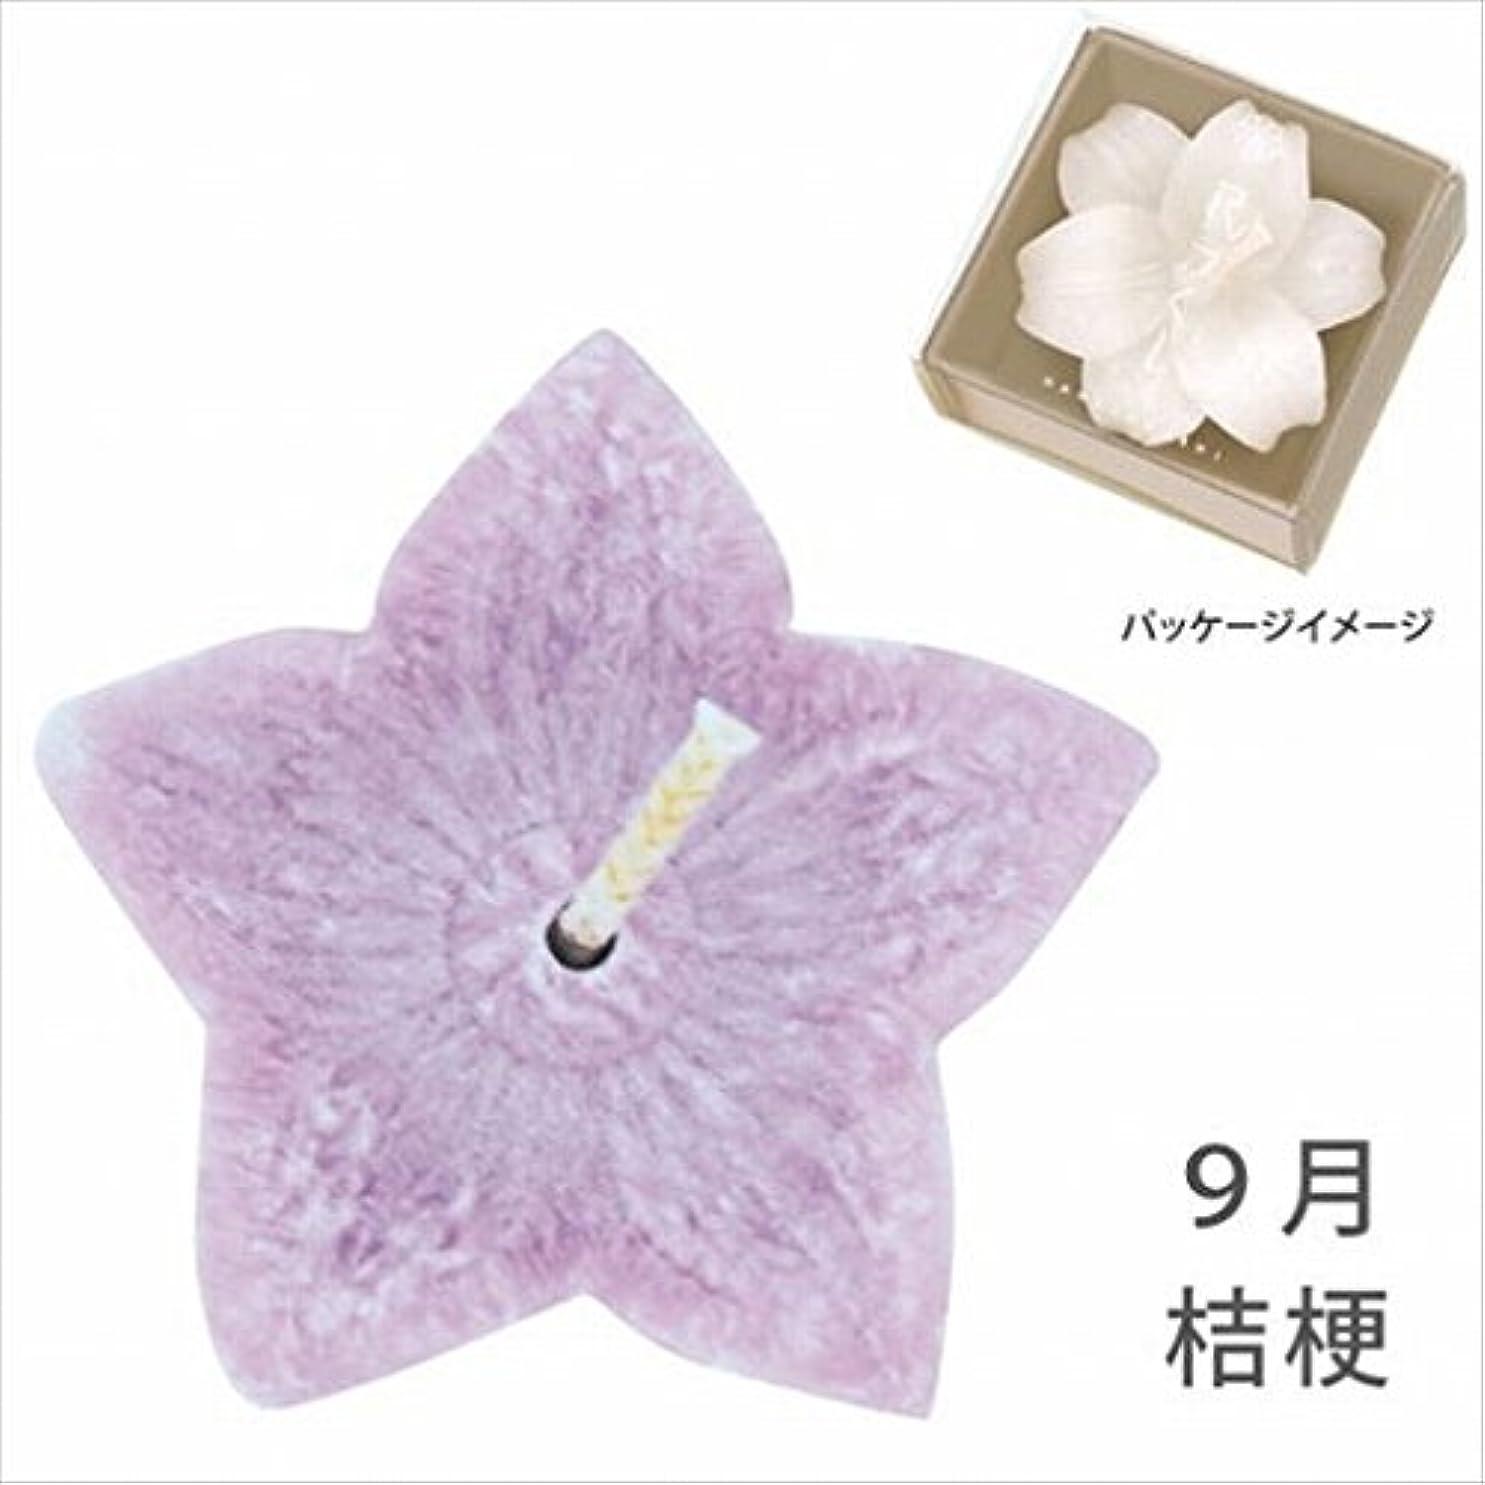 拷問スズメバチケーブルカーカメヤマキャンドル( kameyama candle ) 花づくし(植物性) 桔梗 「 桔梗(9月) 」 キャンドル